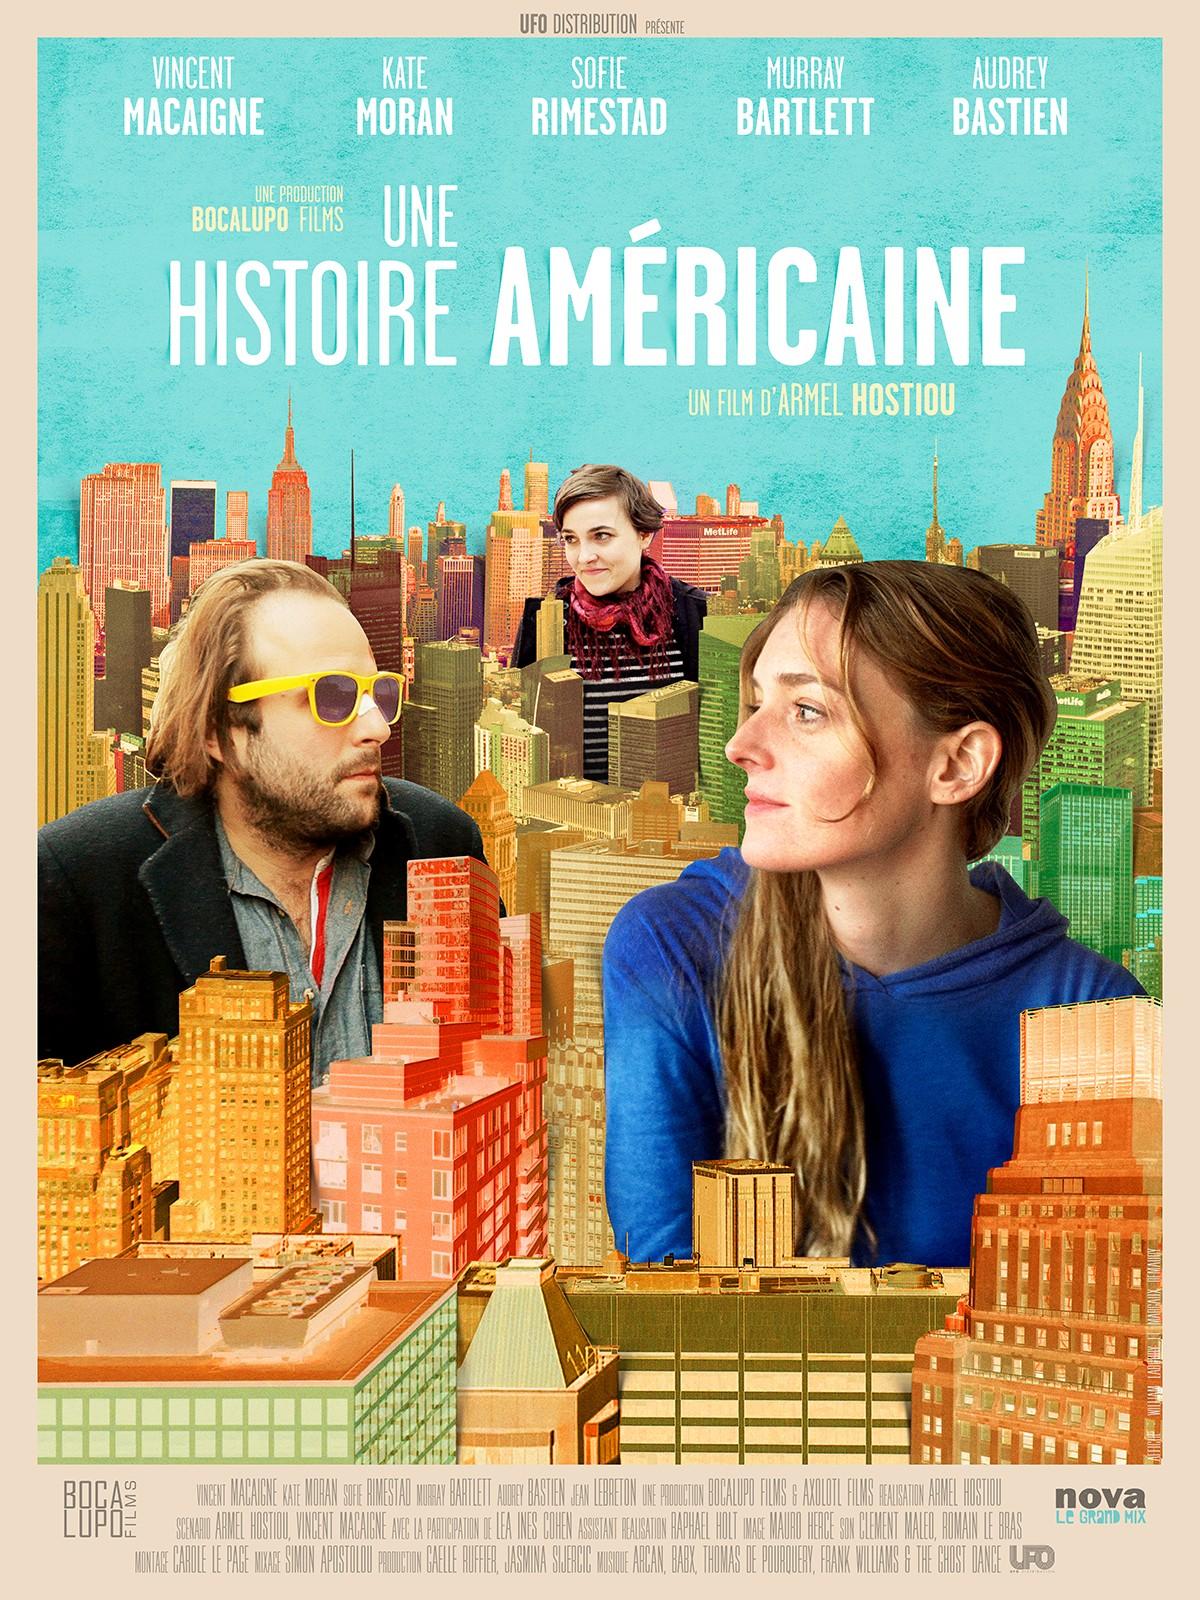 Vincent Macaigne vit Une Histoire Américaine